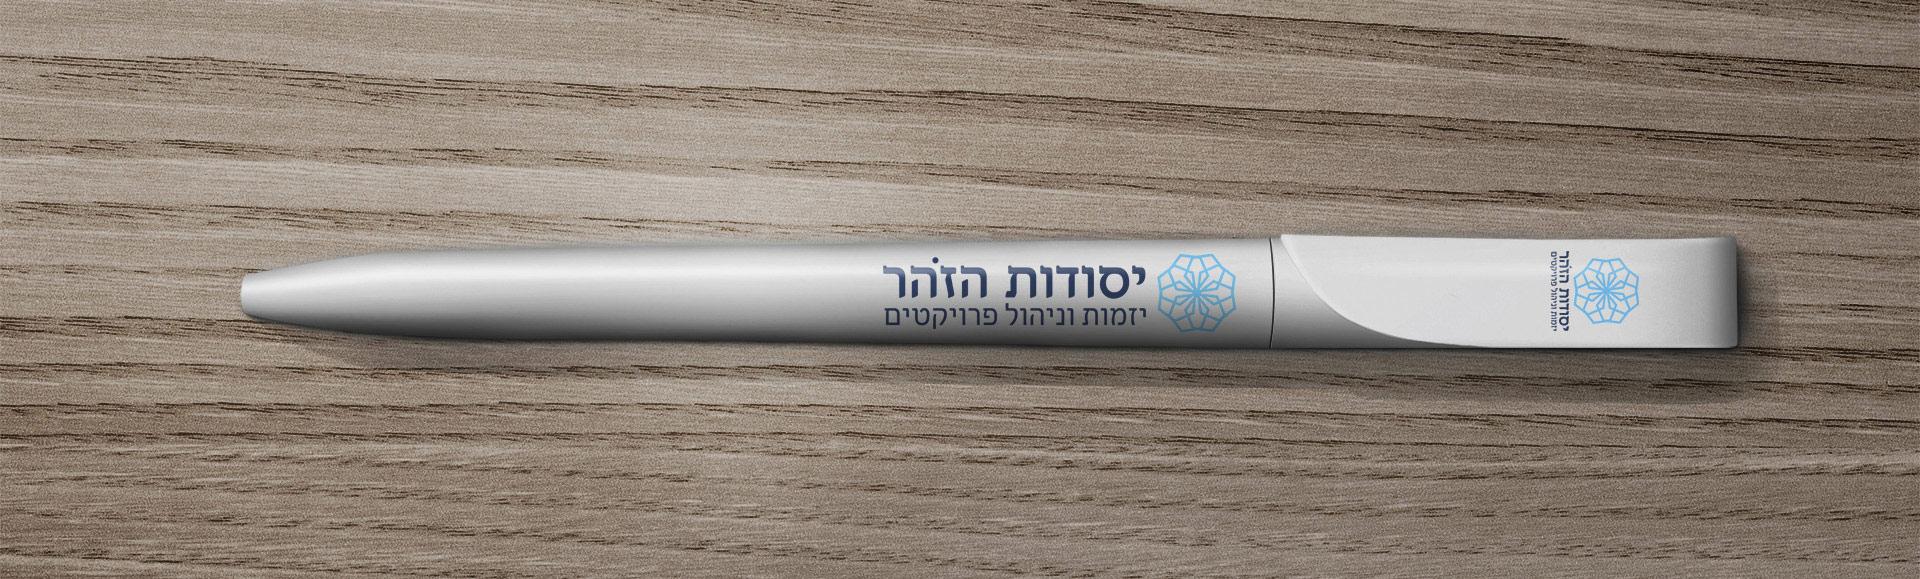 הדמיית עט ממותגת יסודות הזוהר